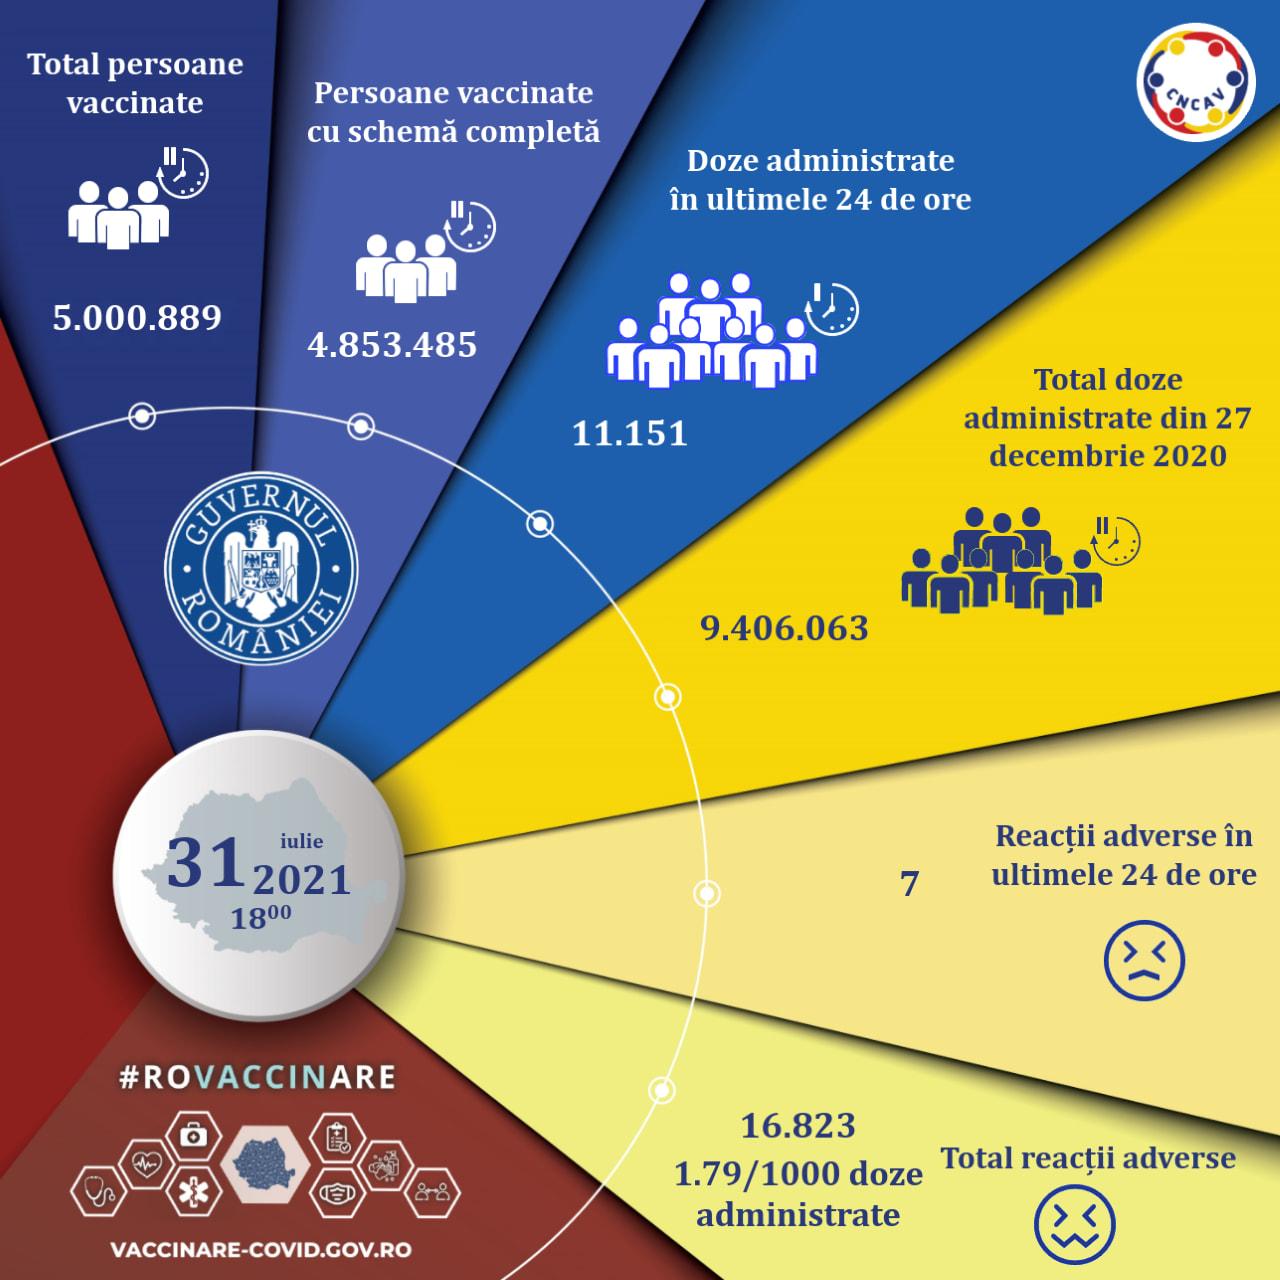 Cinci milioane de persoane au fost imunizate cu cel puțin o doză de vaccin împotriva Covid, în România